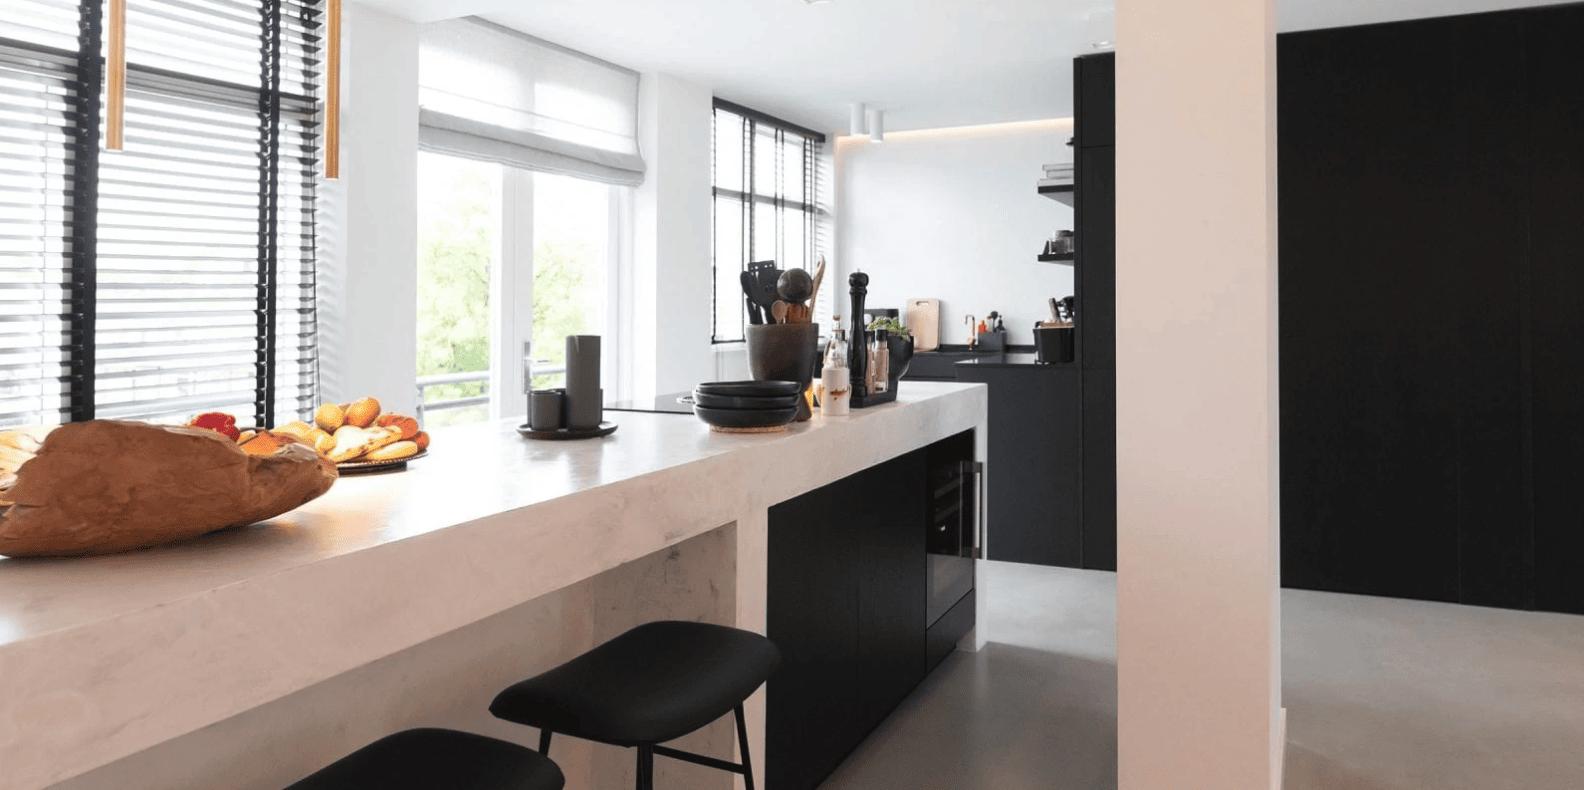 Moderne Keuken Op Maat Door Atelier 19 Berkel en Rodenrijs